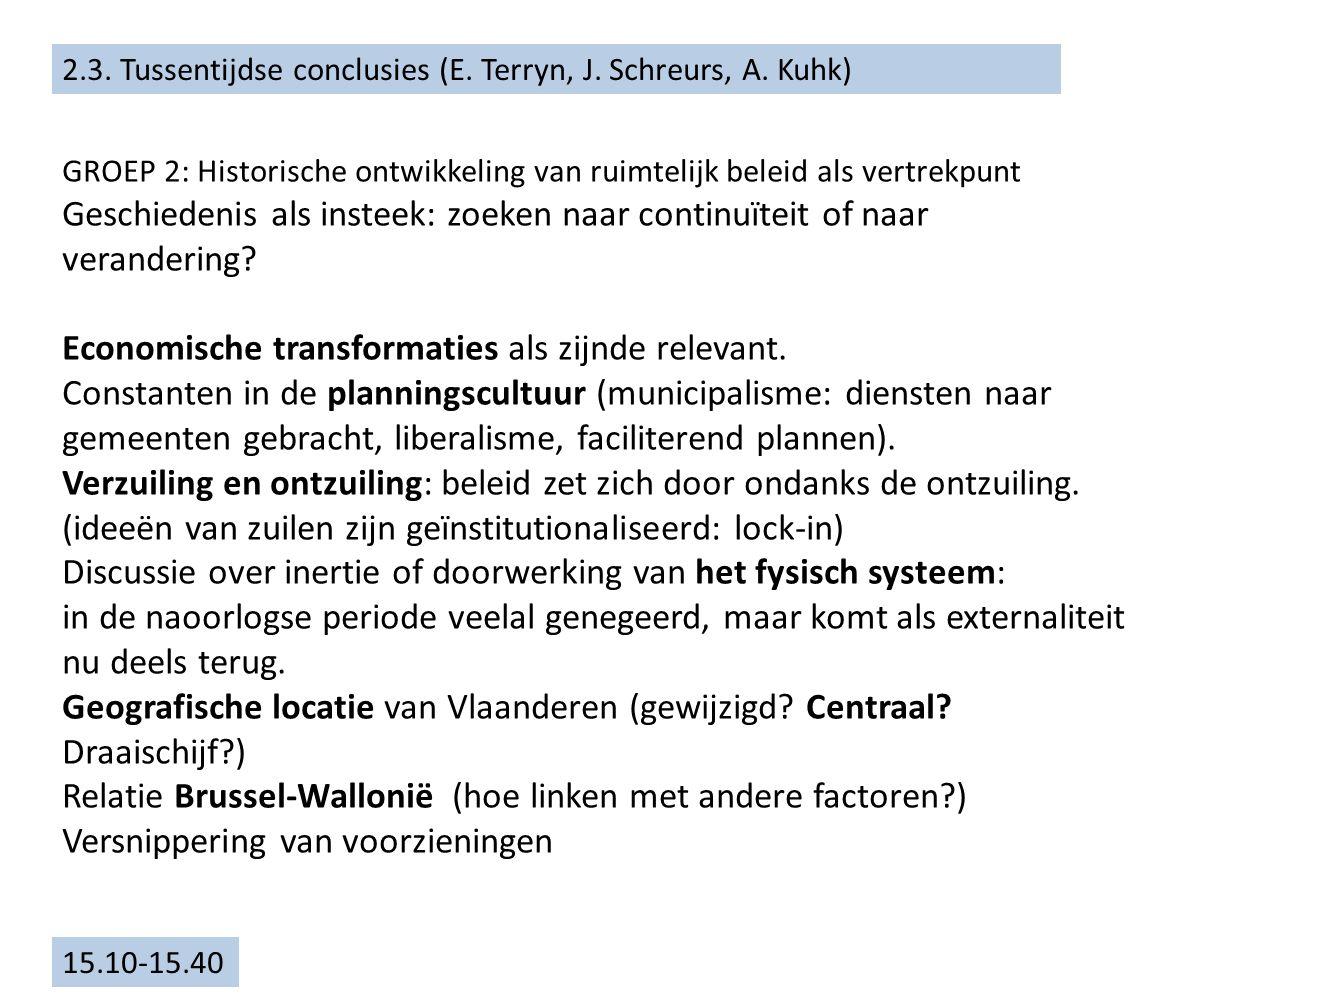 15.10-15.40 2.3. Tussentijdse conclusies (E. Terryn, J. Schreurs, A. Kuhk) GROEP 2: Historische ontwikkeling van ruimtelijk beleid als vertrekpunt Ges